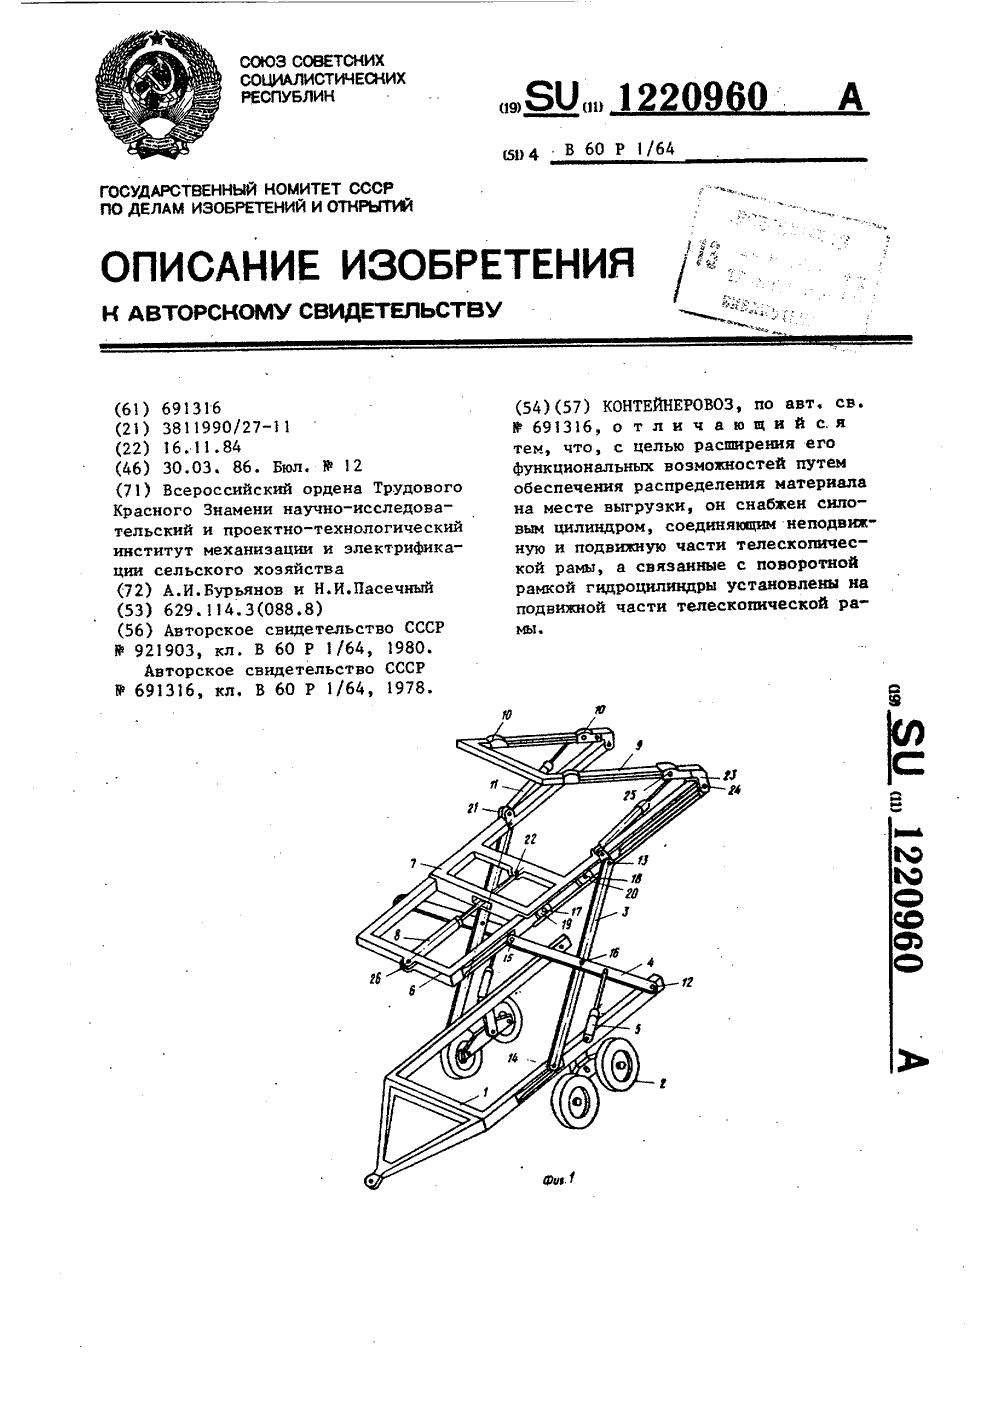 схема механизма контейнеровоза